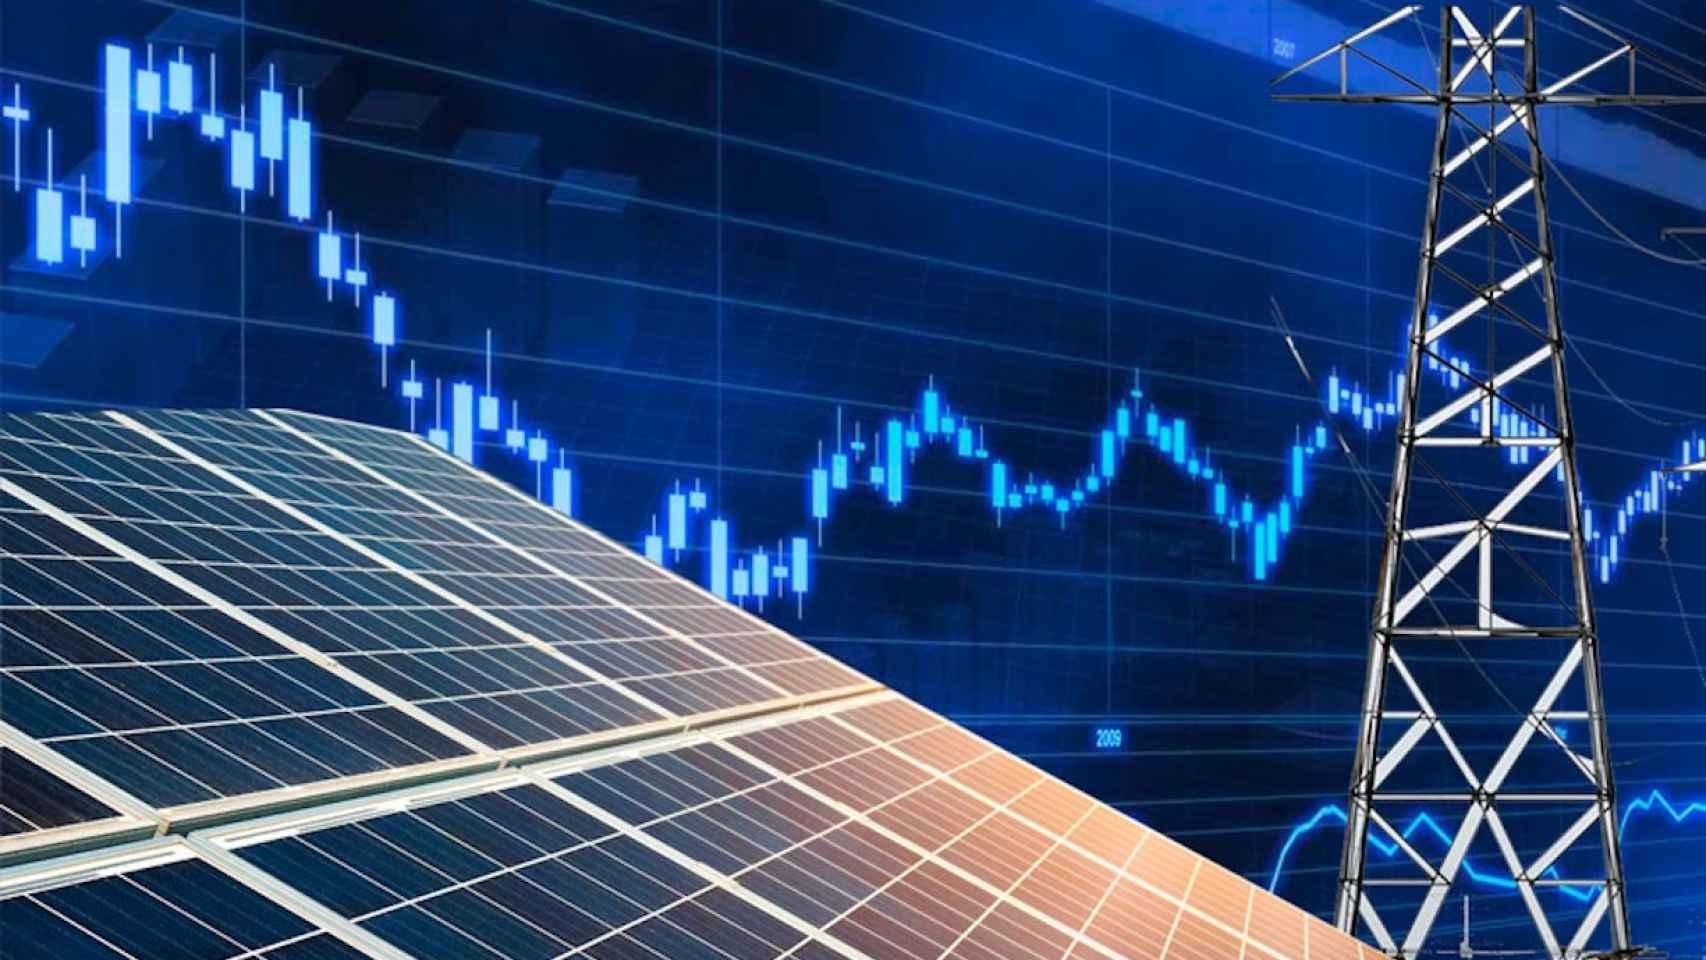 El mercado eléctrico no supera la barrera de los 40 euros/MWh, su mínimo en diez años